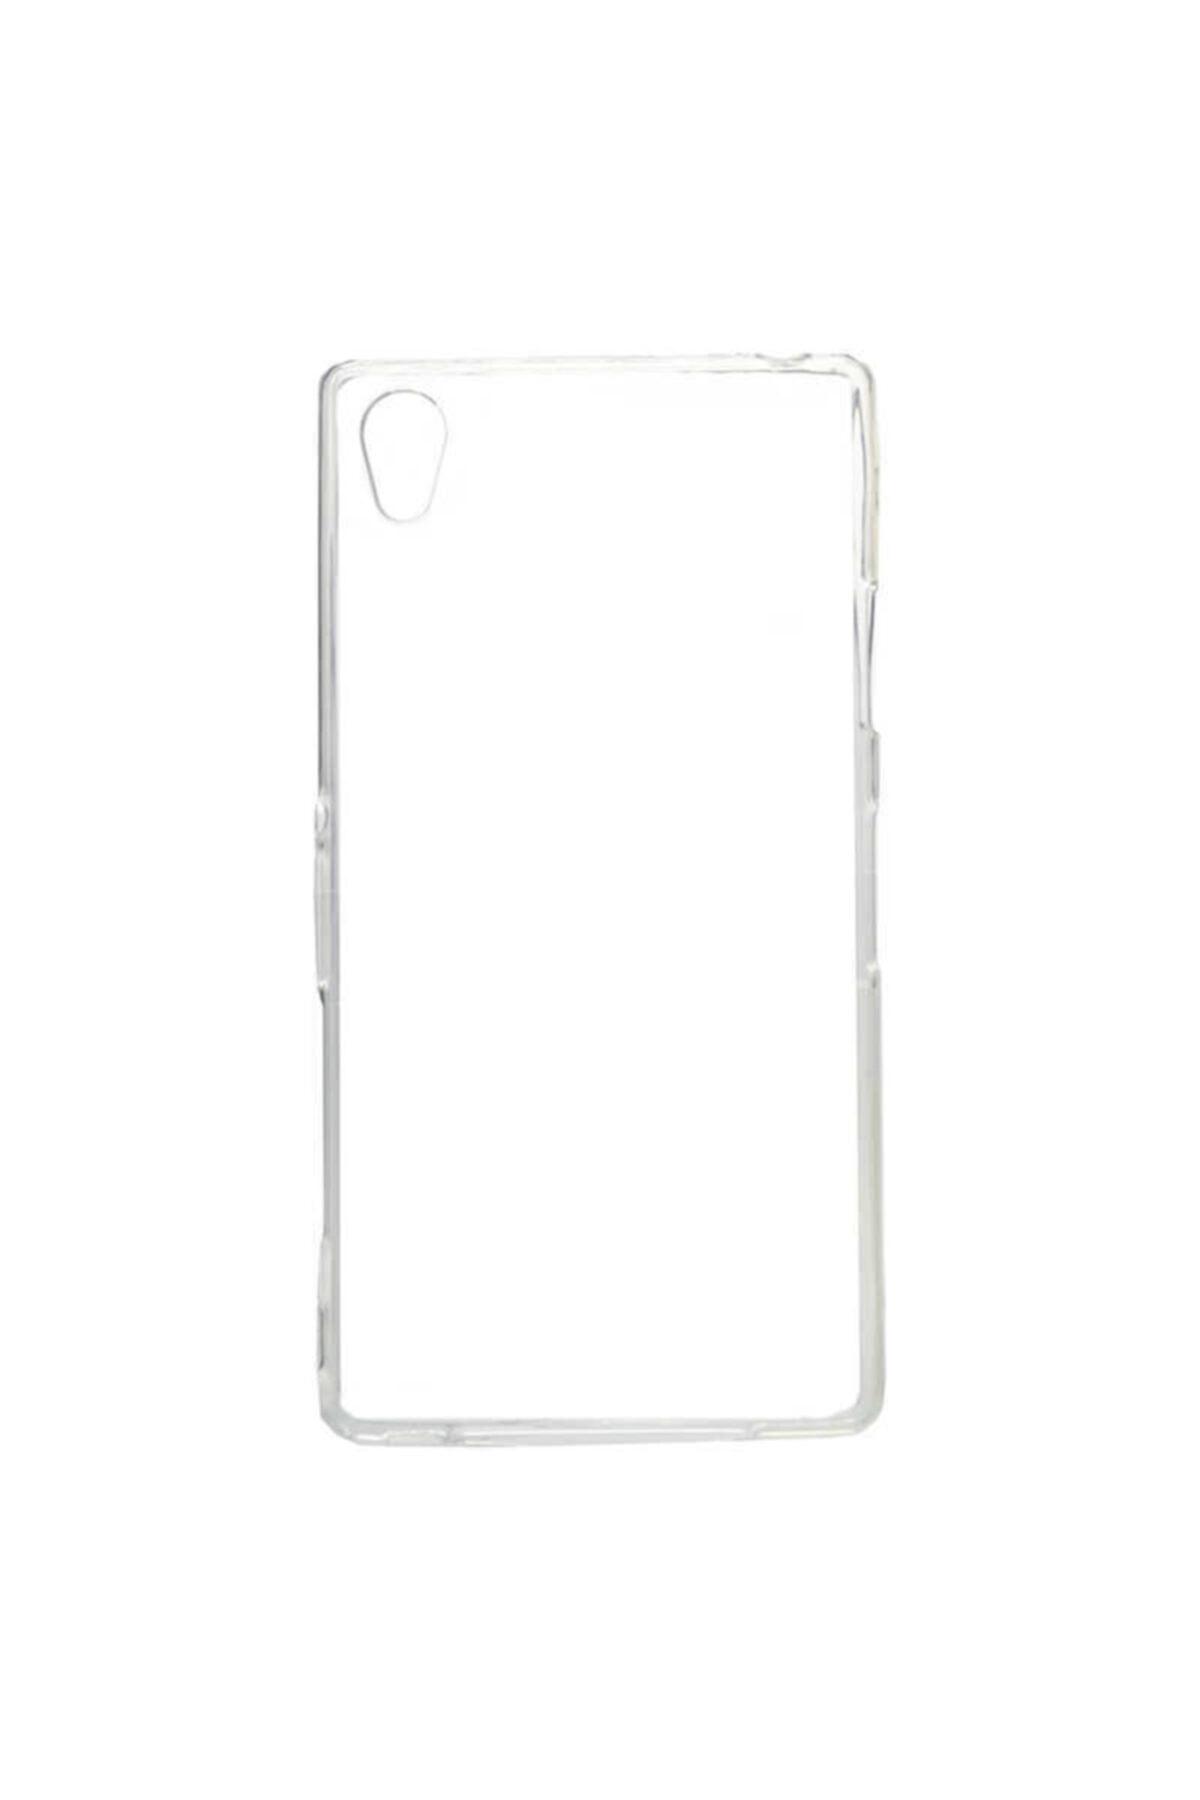 Sony Xperia Z3 Uyumlu Crystal Series Soft Şeffaf A+ Kalite Case Kılıf 2